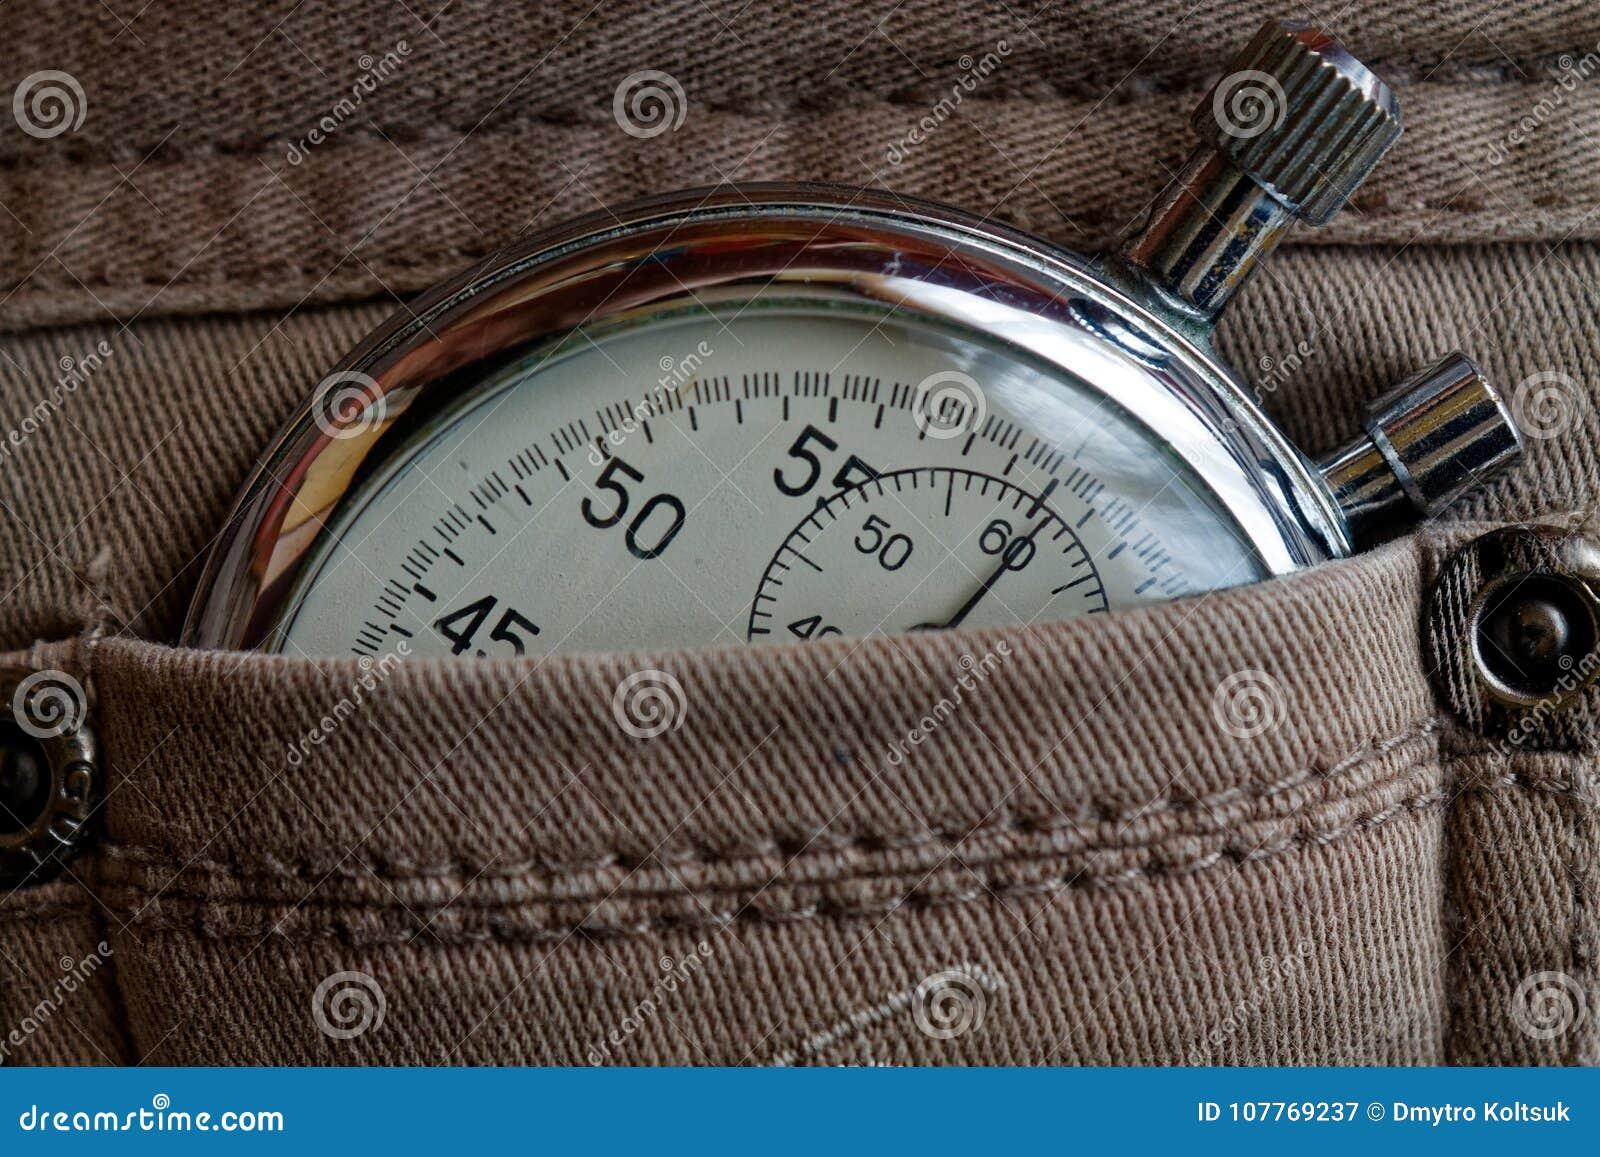 葡萄酒古董秒表,在破旧的米黄牛仔裤装在口袋里,价值措施时间,老时钟箭头分钟,第二个准确性定时器纪录